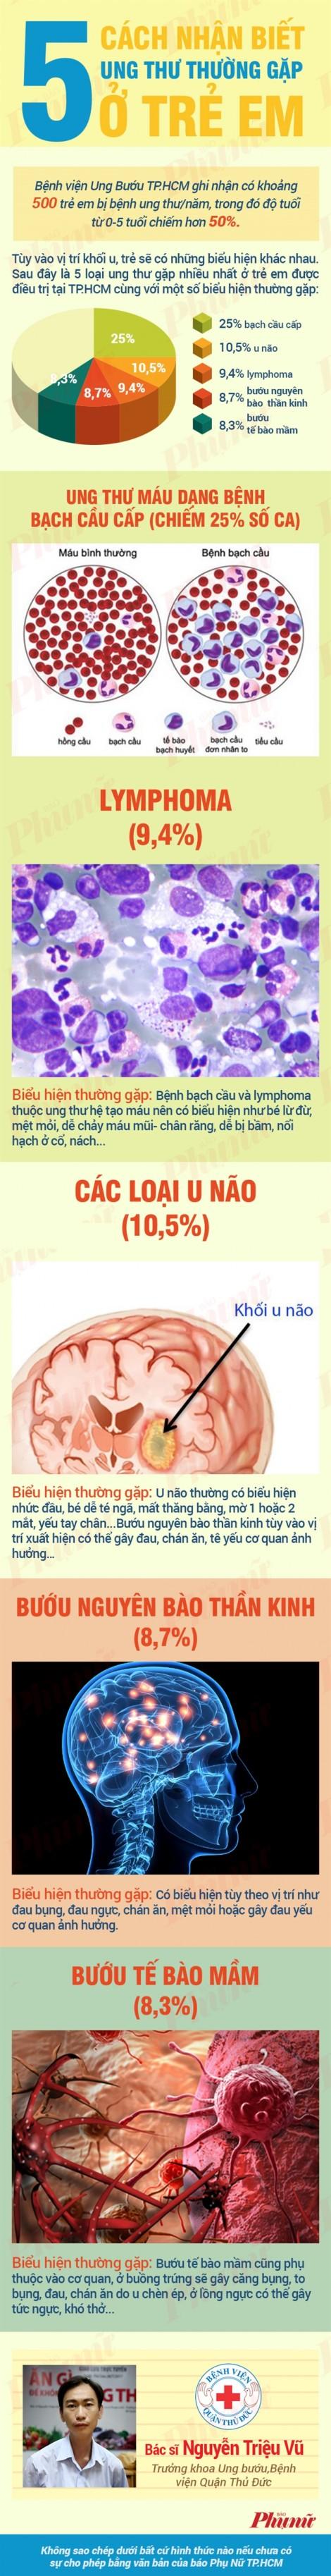 5 cách nhận biết ung thư thường gặp ở trẻ em Việt Nam